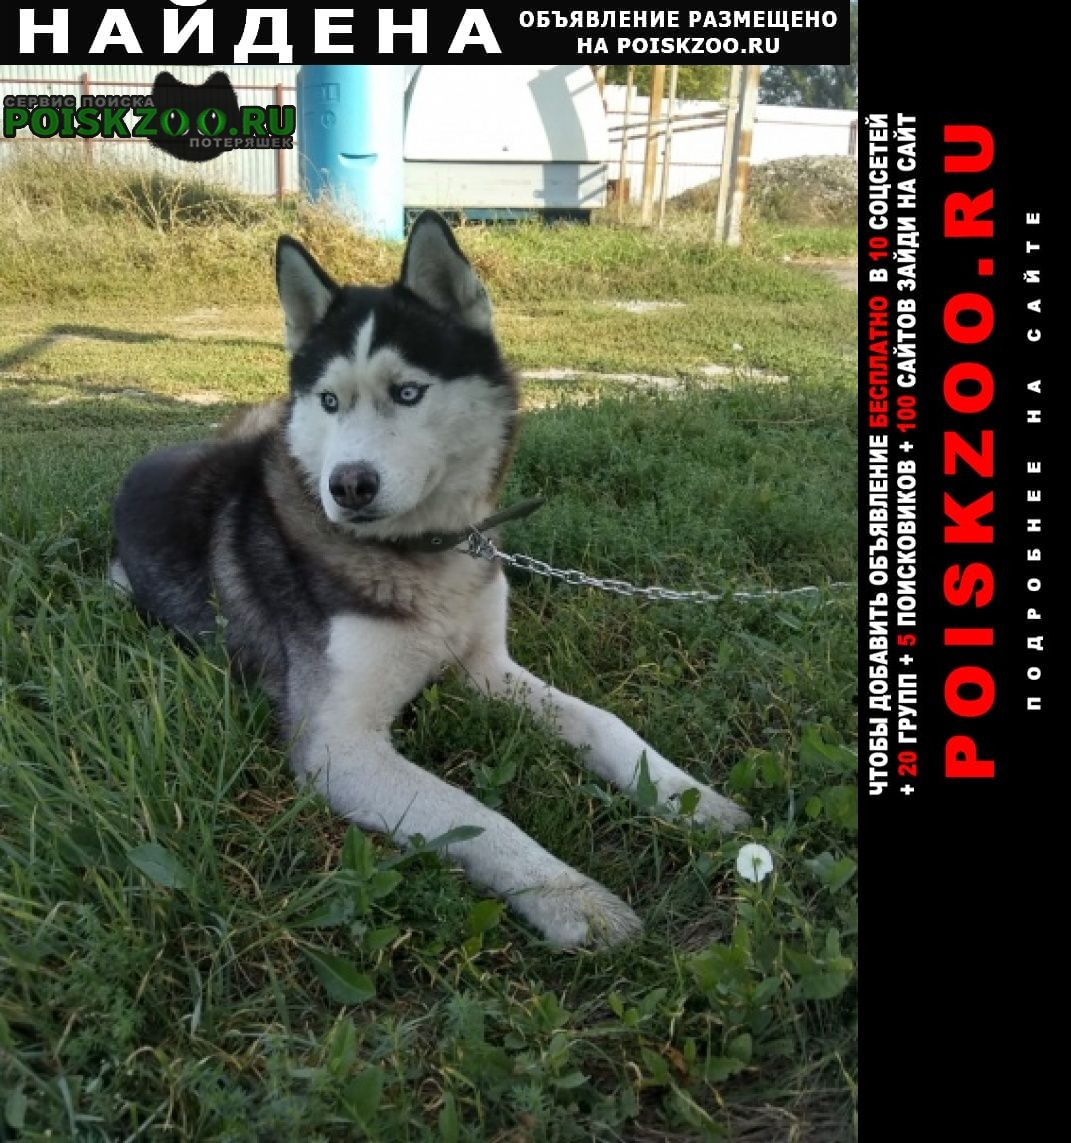 Краснодар Найдена собака хаски кобель